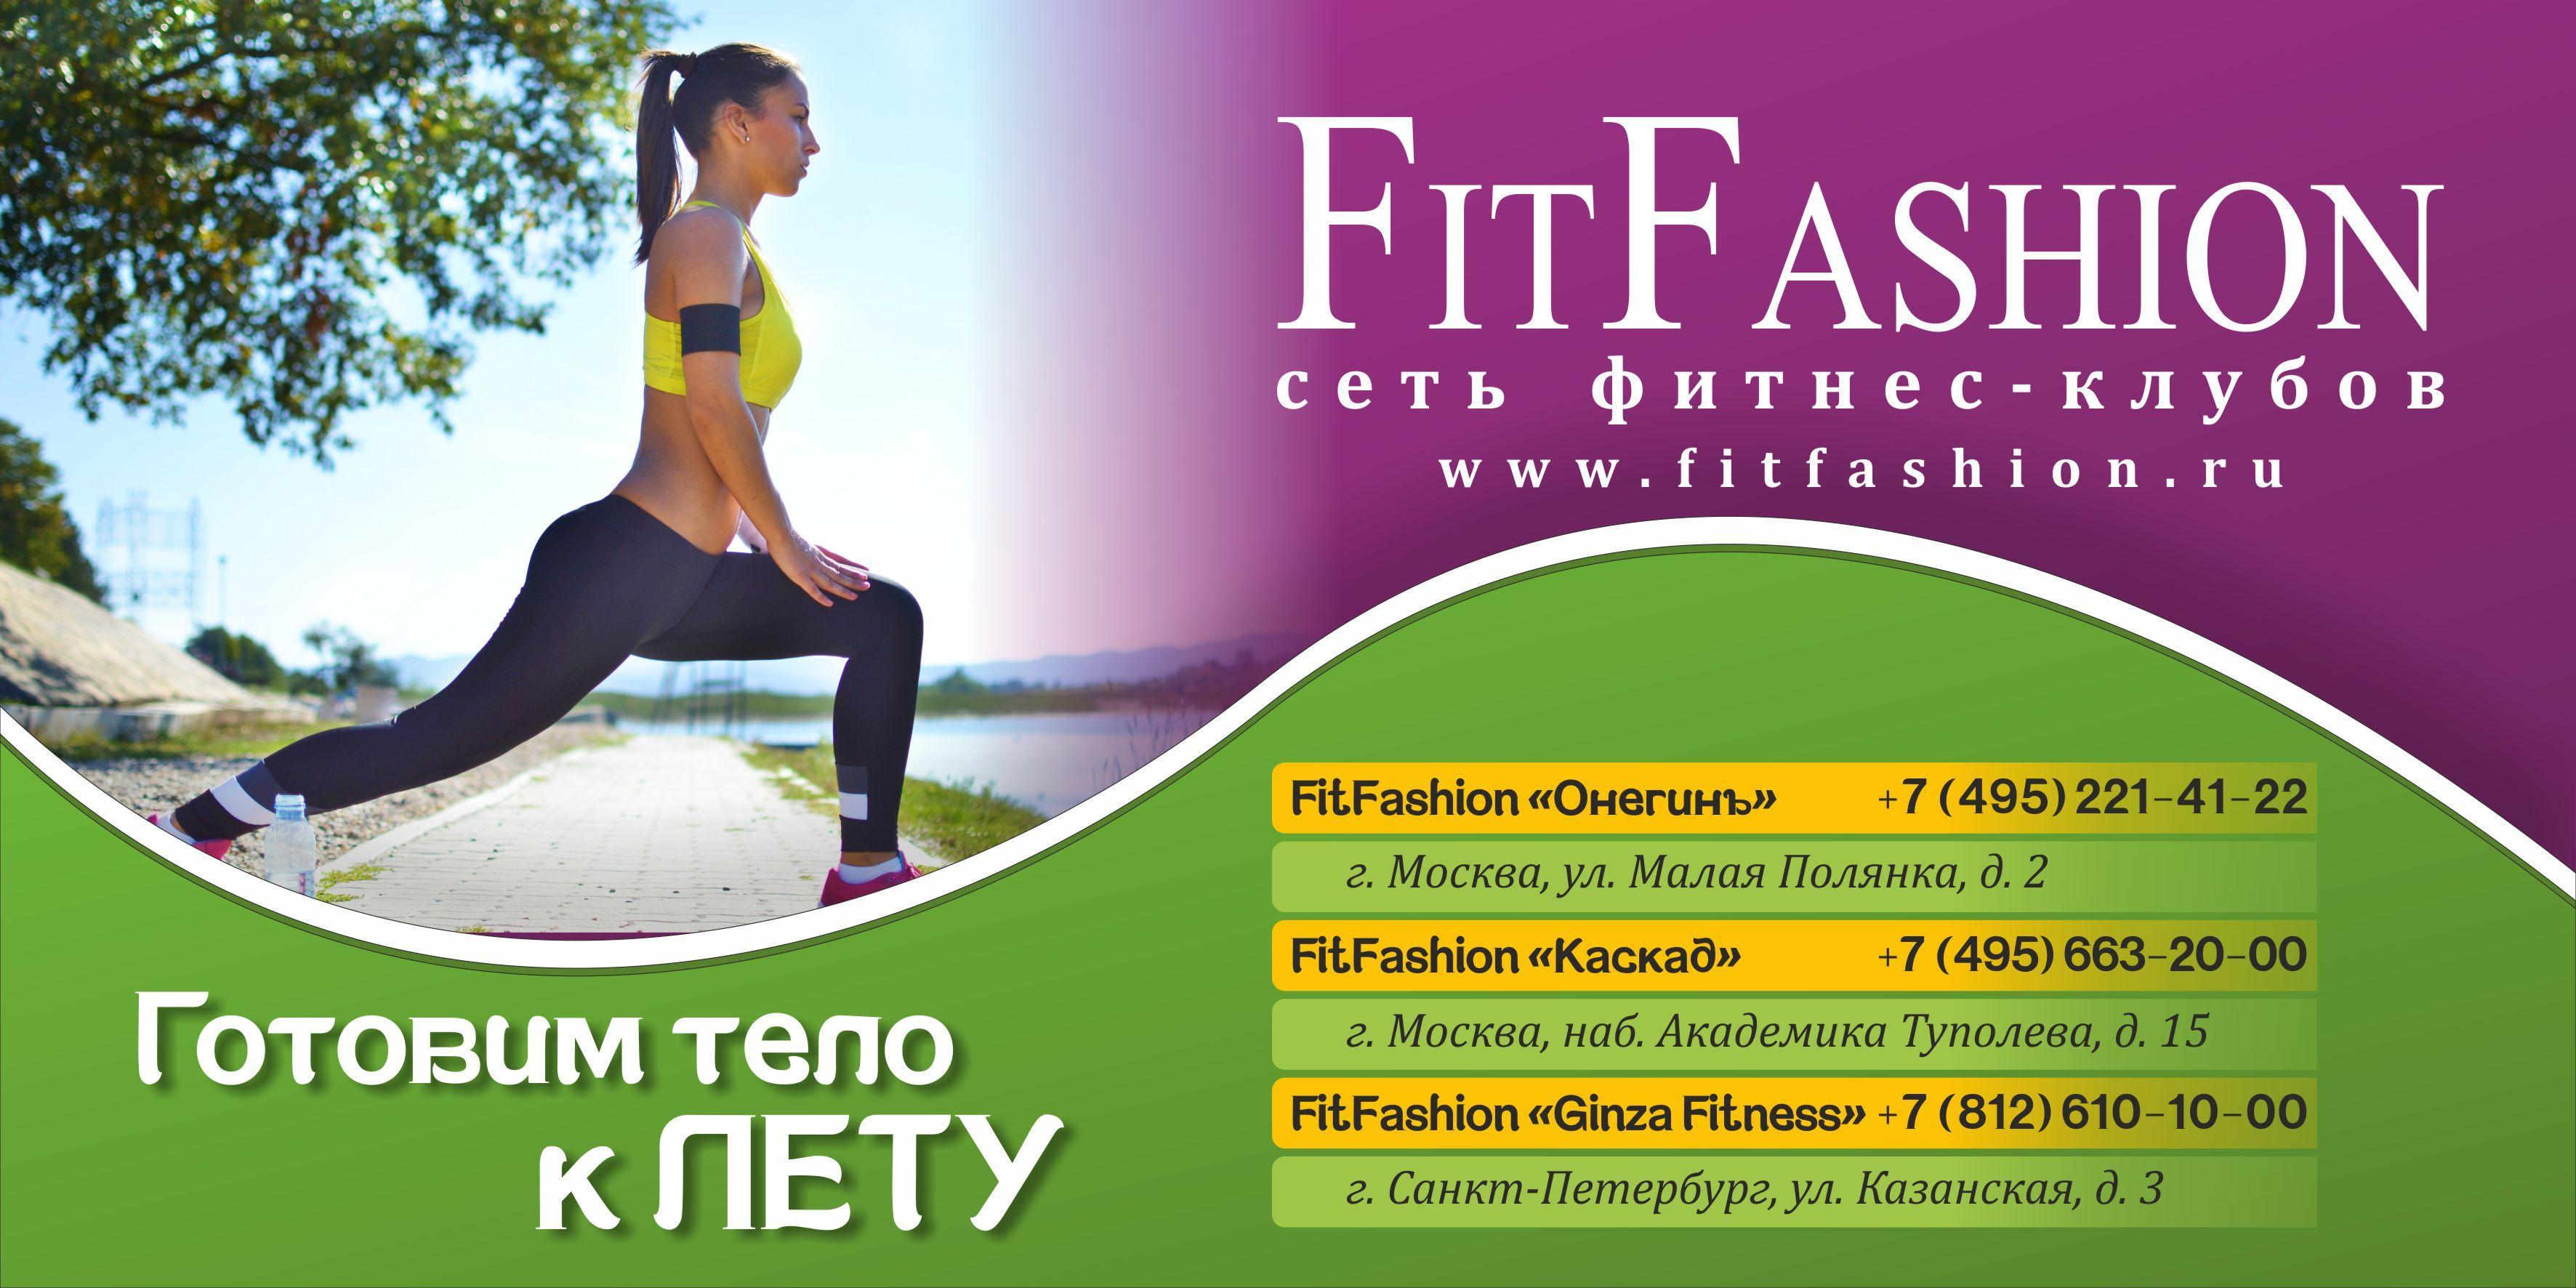 Дизайн наружной рекламы фитнес-клуба - дизайнер lestar65